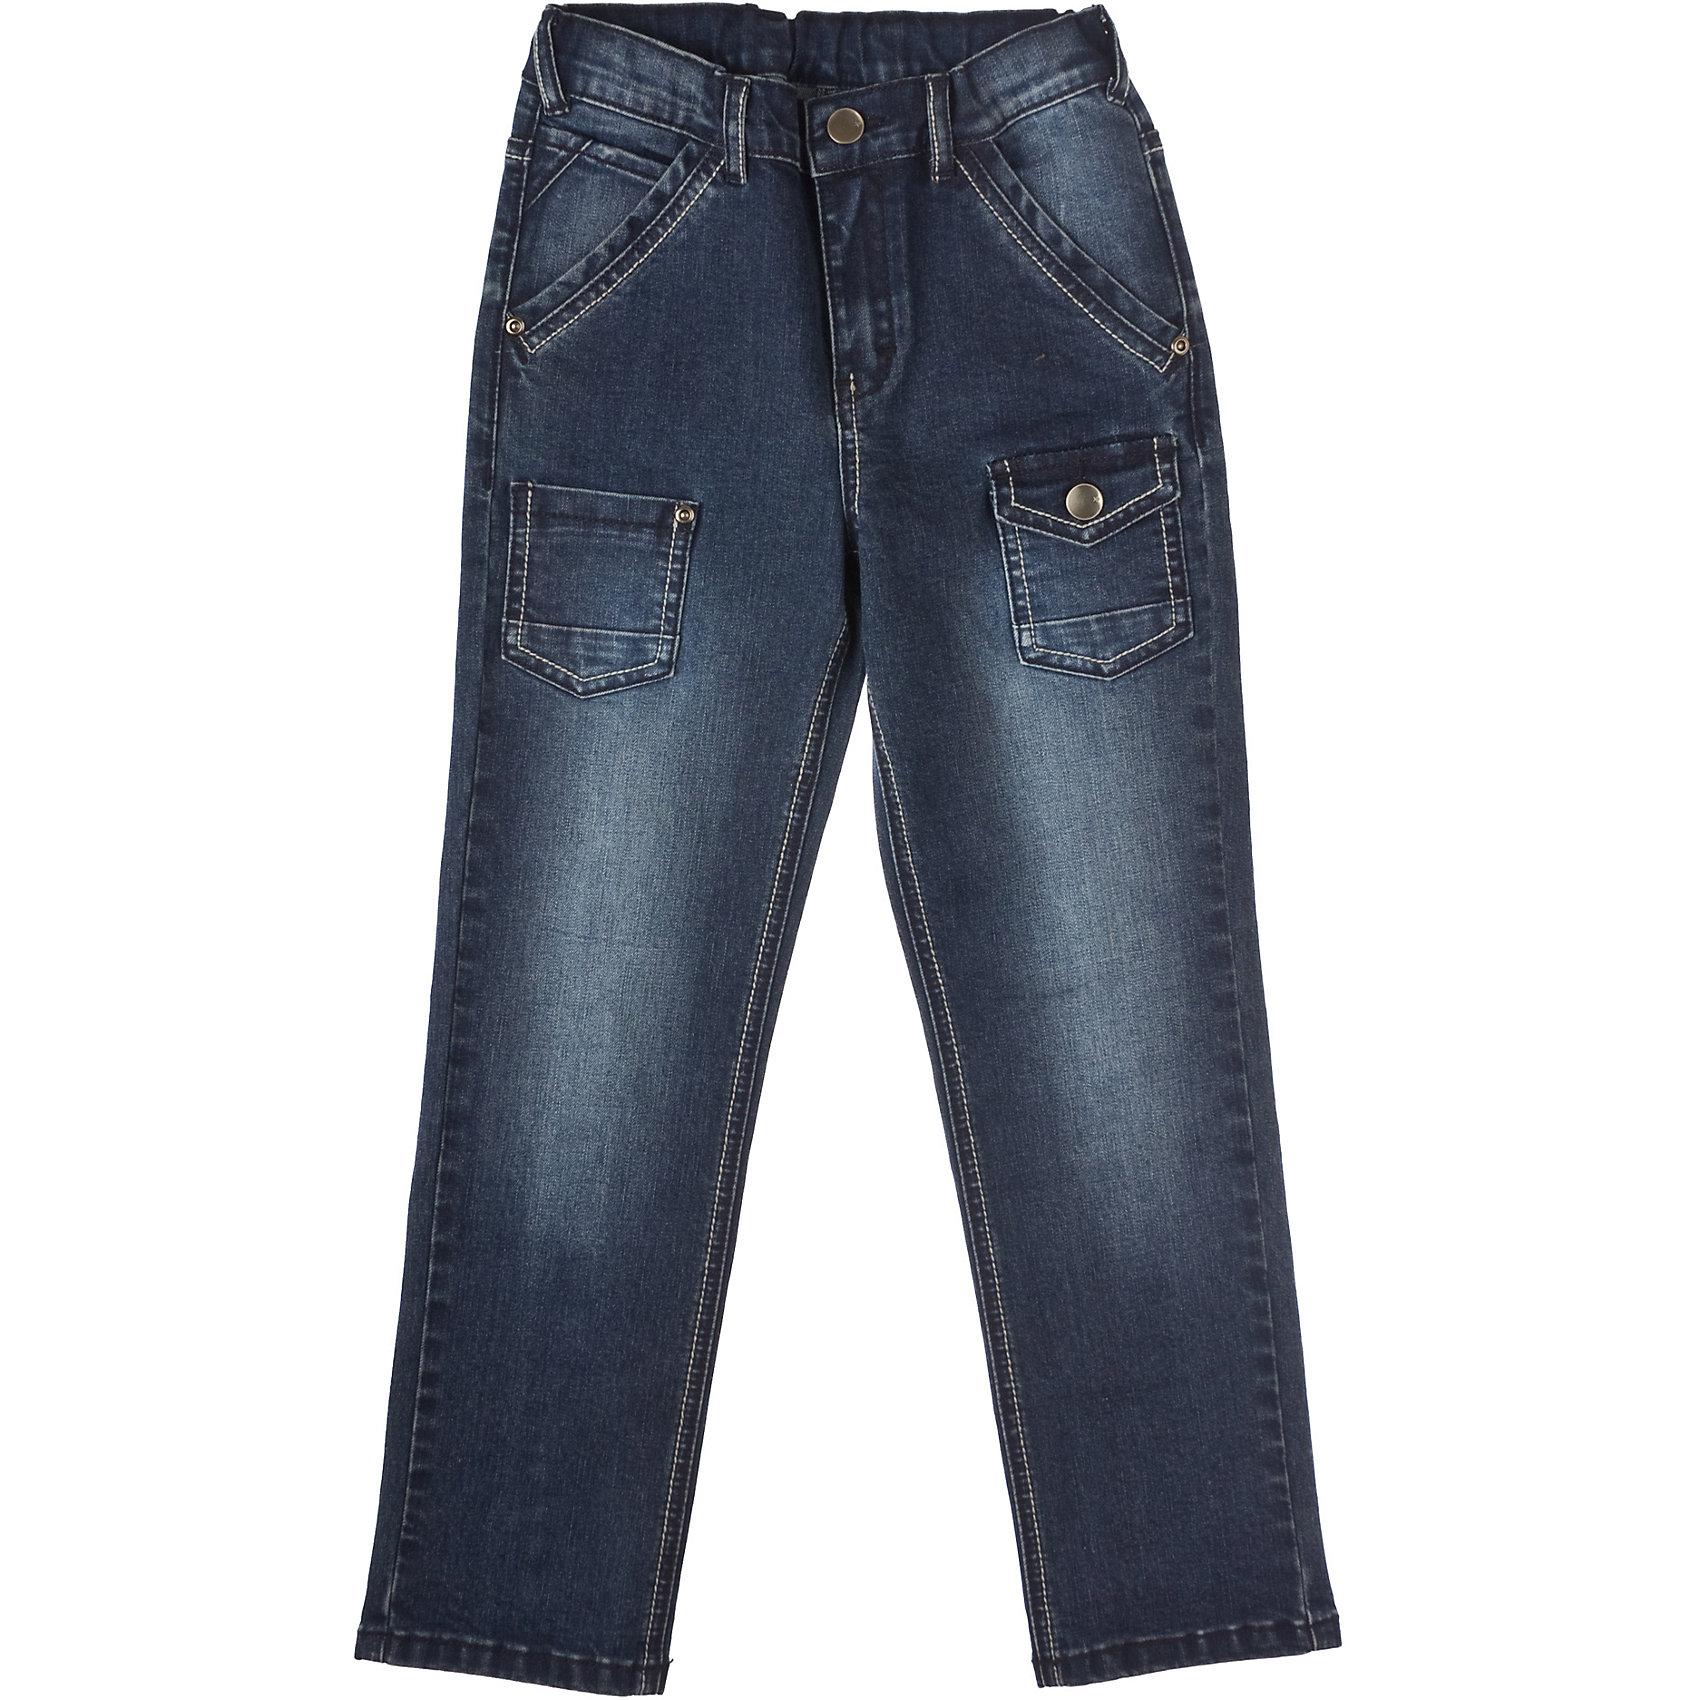 Джинсы для мальчика PlayTodayБрюки для мальчика PlayToday Стильные джинсы из плотной ткани. Шесть карманов. Эффект потертости. Эластичные вставки на поясе. Состав: 80% хлопок, 18% полиэстер, 2% эластан<br><br>Ширина мм: 215<br>Глубина мм: 88<br>Высота мм: 191<br>Вес г: 336<br>Цвет: полуночно-синий<br>Возраст от месяцев: 24<br>Возраст до месяцев: 36<br>Пол: Мужской<br>Возраст: Детский<br>Размер: 98,104,122,116,128,110<br>SKU: 4227805